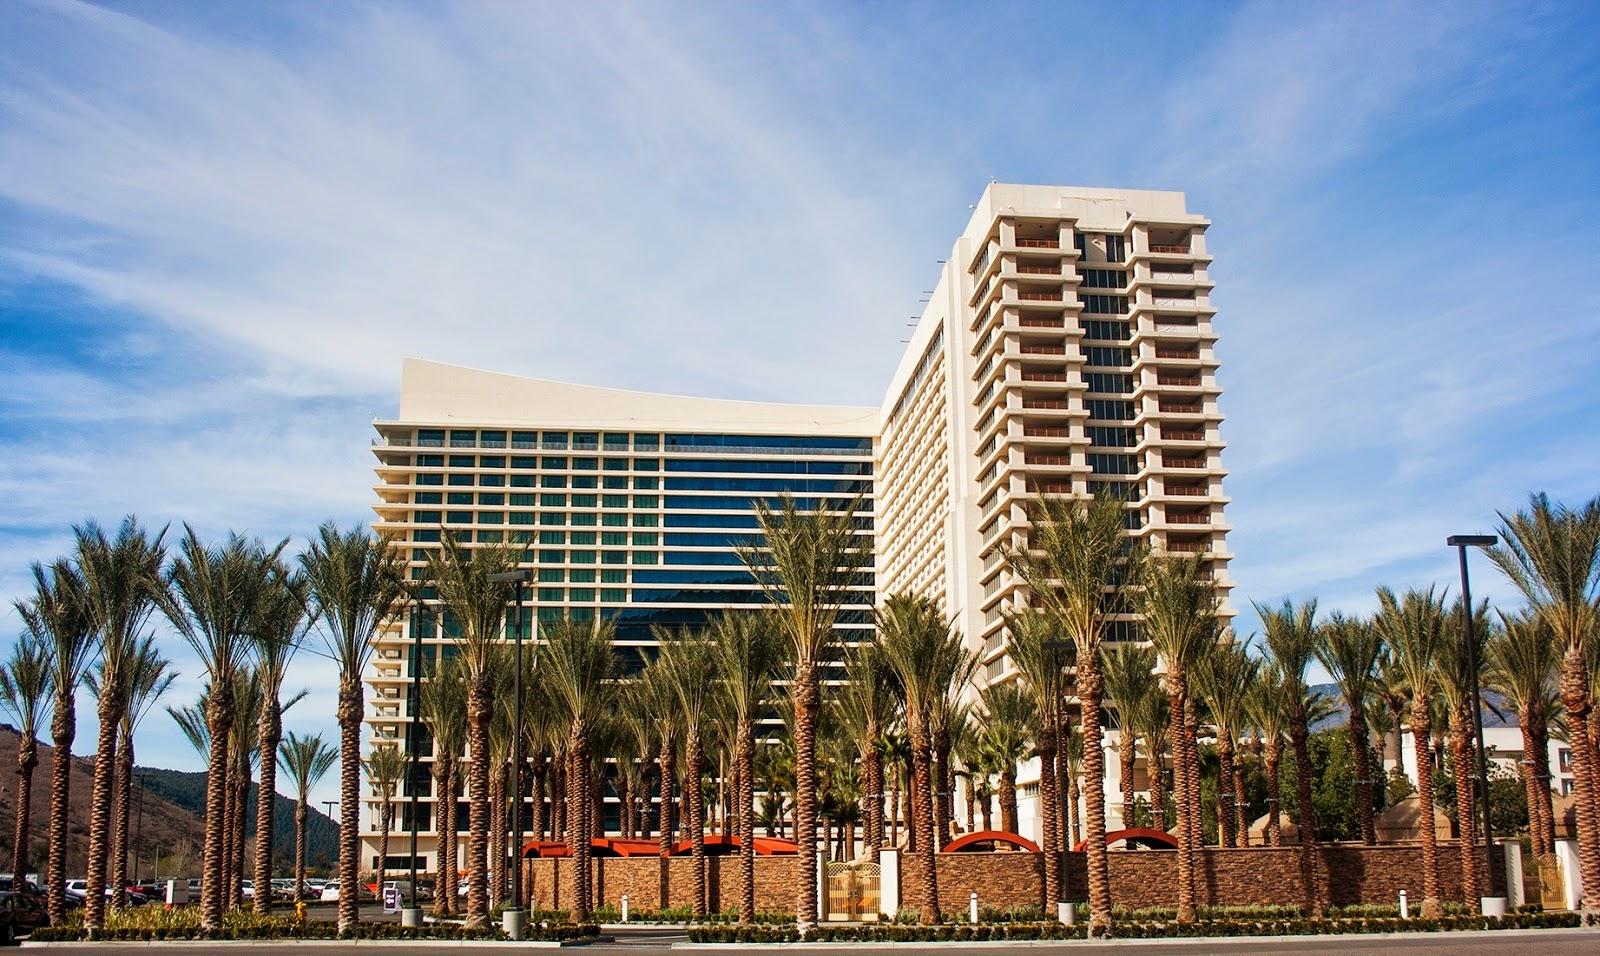 Casino harrah's california